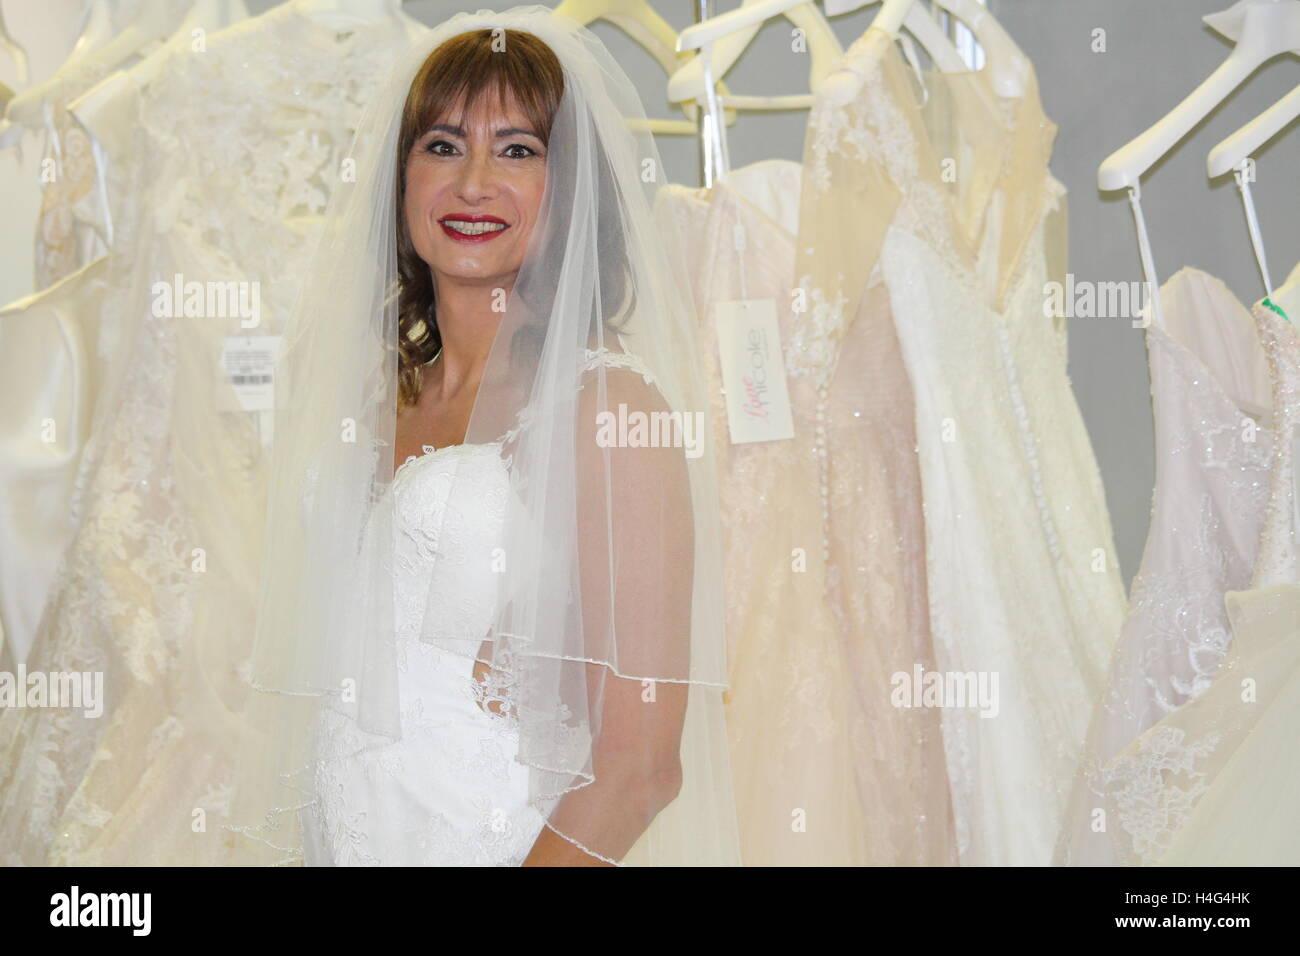 Transgender Bride Stockfotos & Transgender Bride Bilder - Alamy